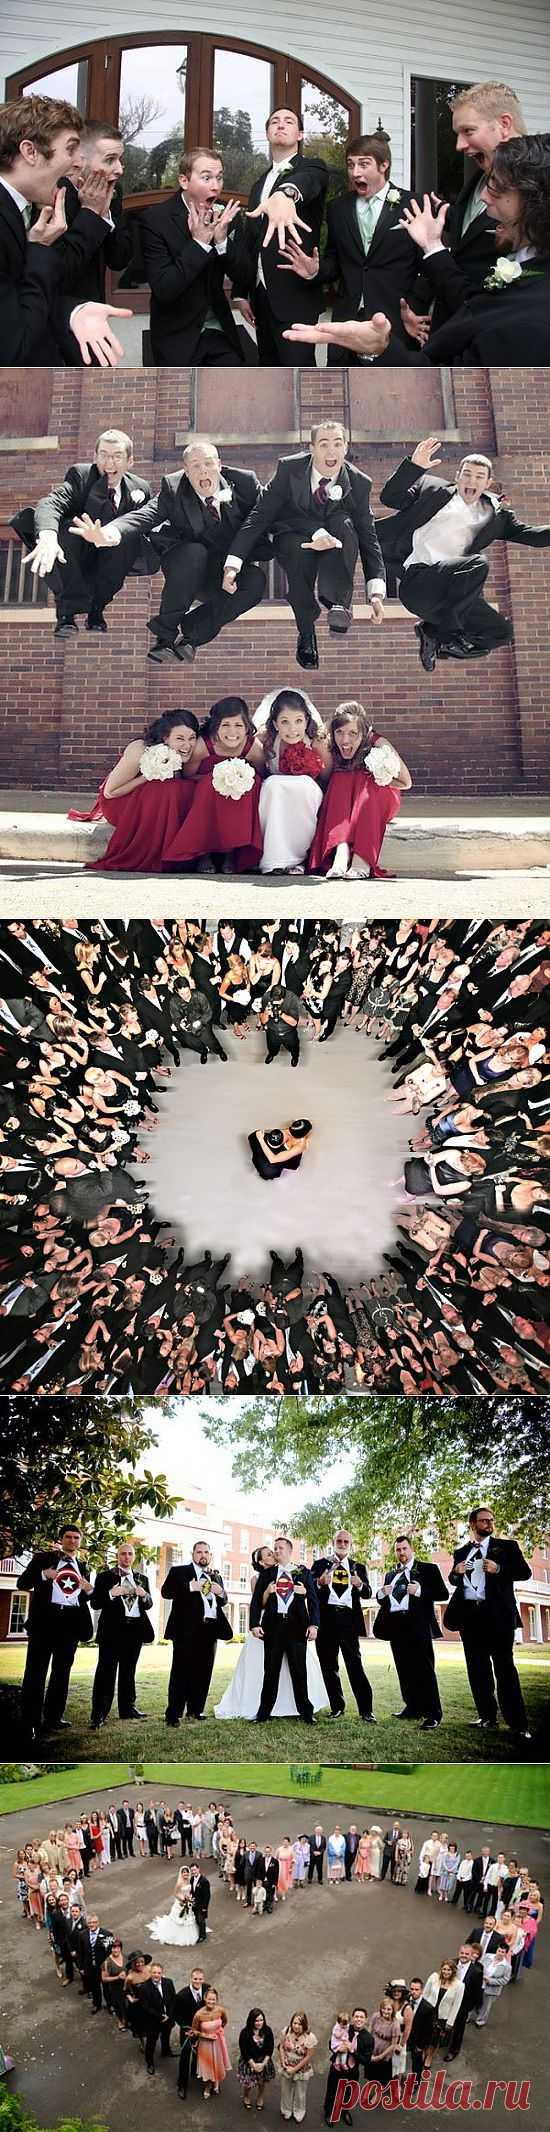 45 отличных идей для свадебного фото (трафик) / Фото (идеи съемок) /